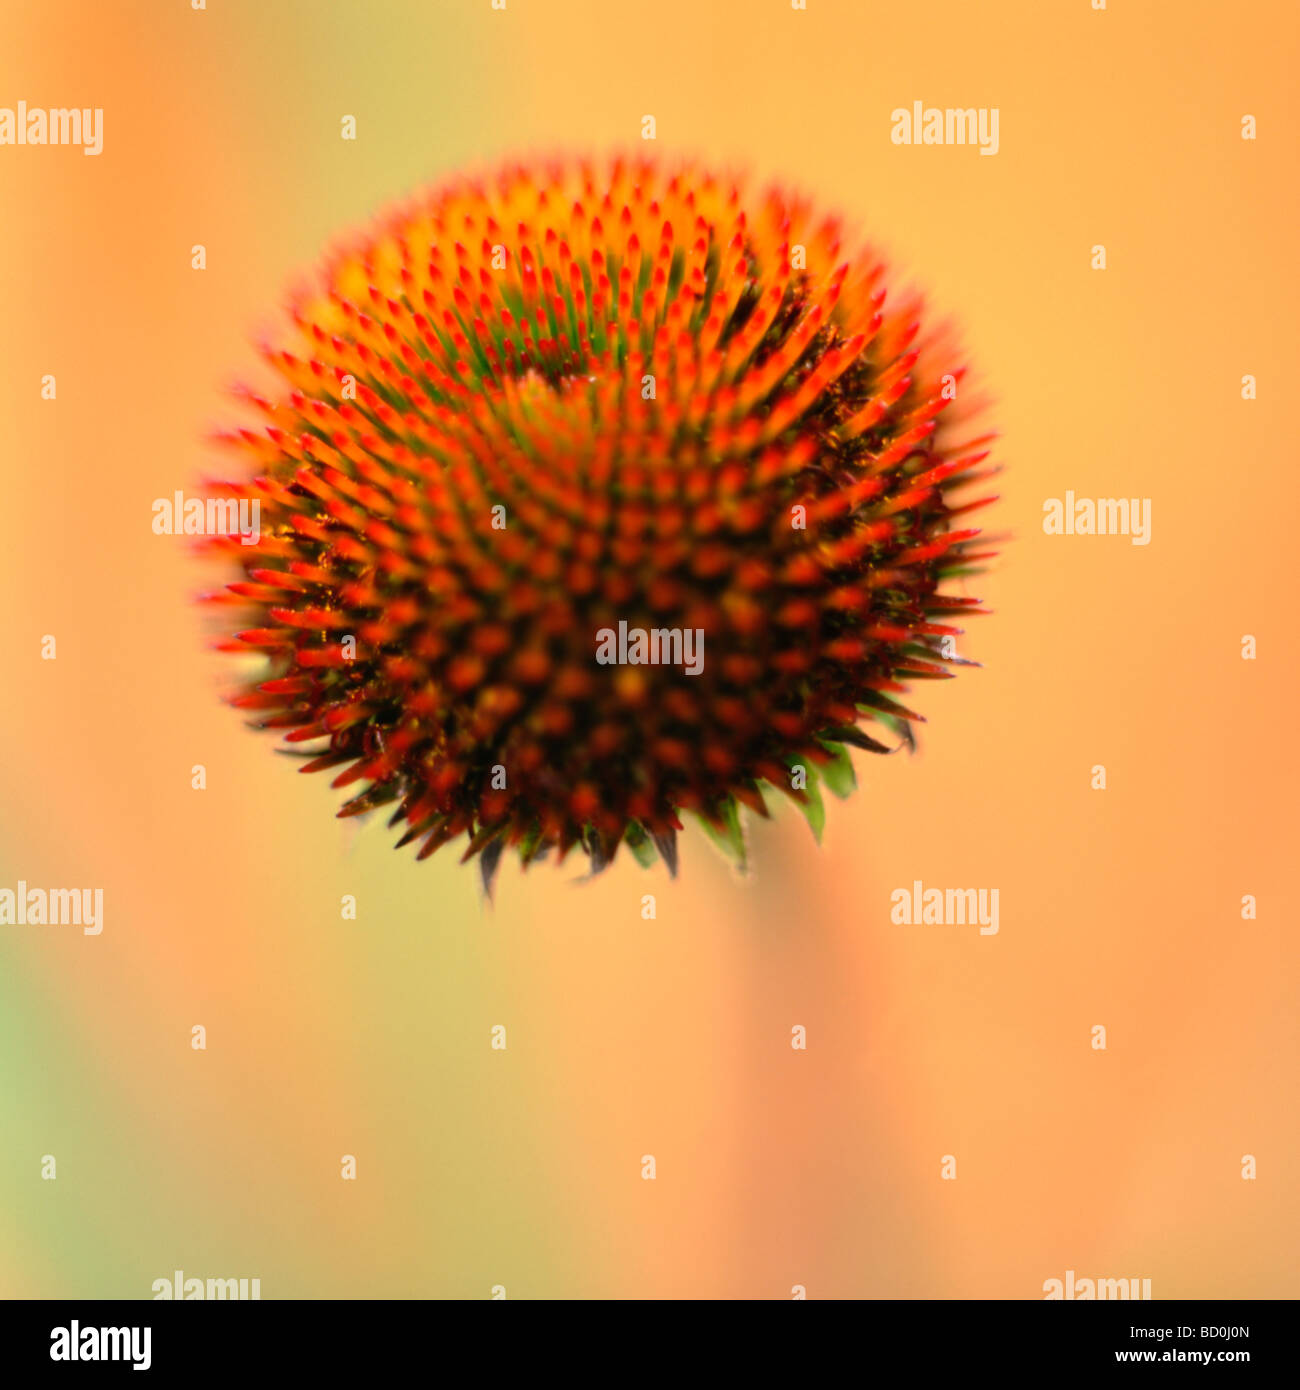 Un vistoso fiore trovati in medicine a base di erbe arte fotografia Jane Ann Butler JABP Fotografia284 Immagini Stock